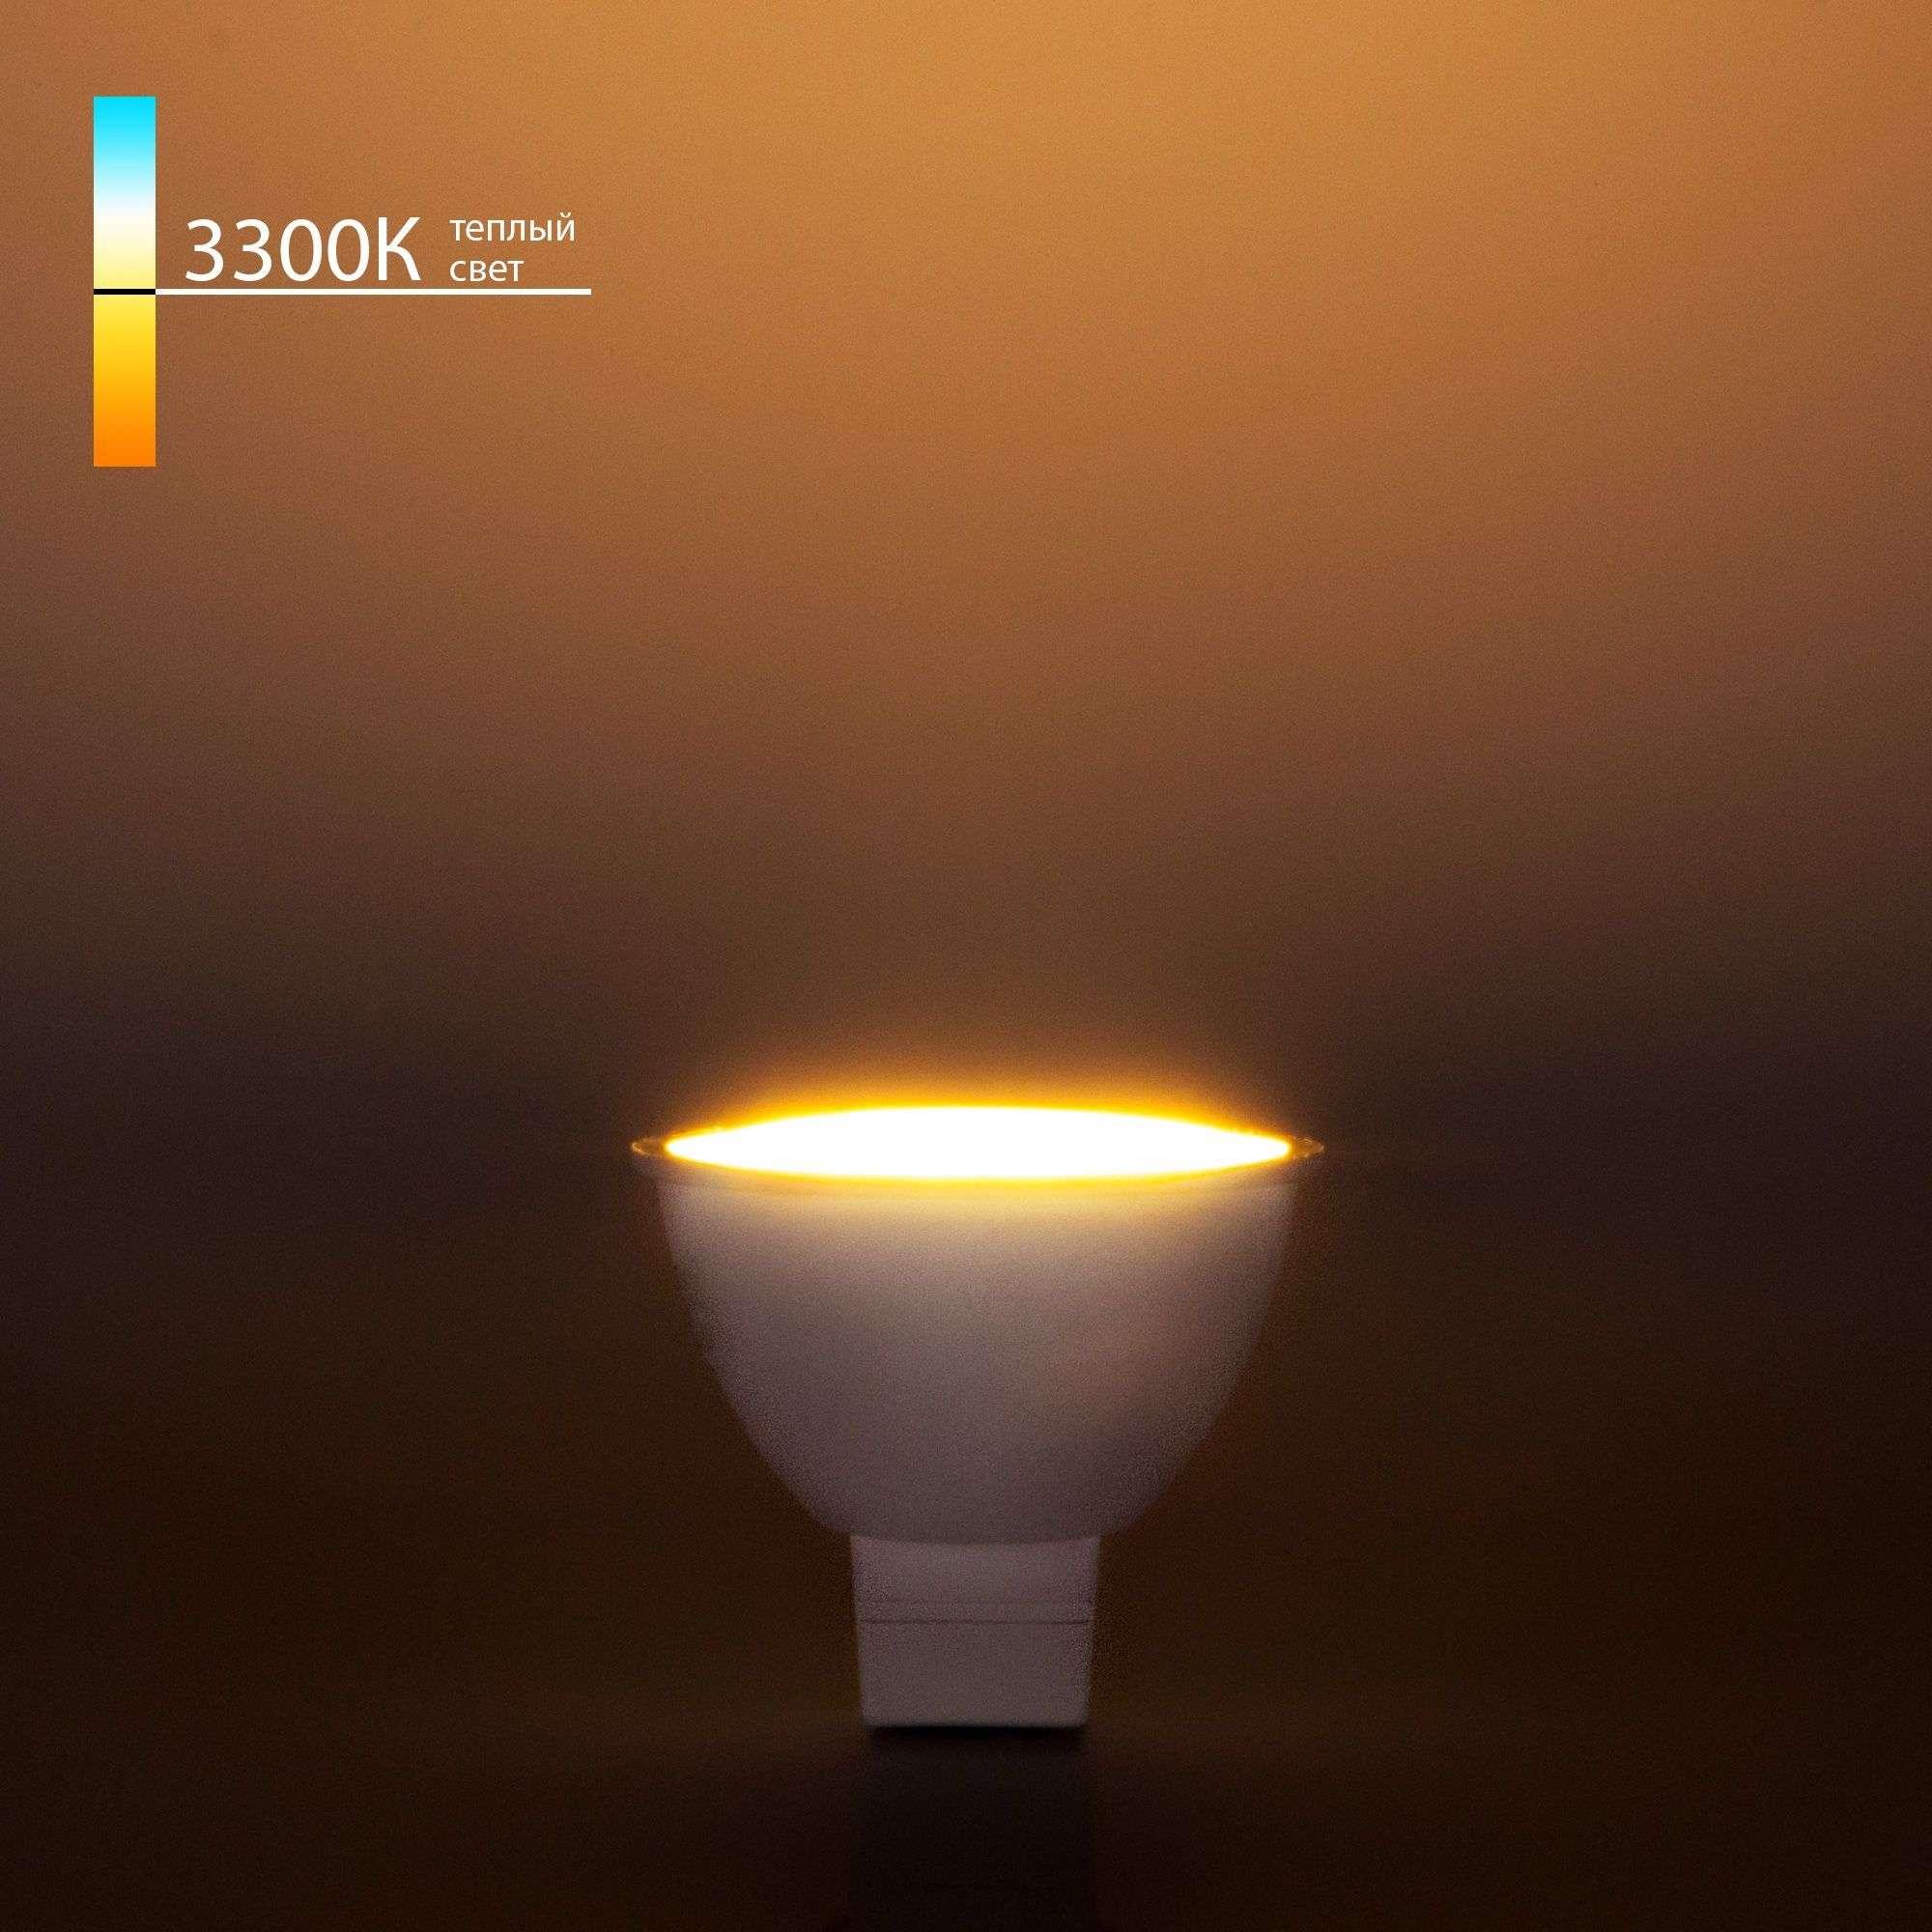 Светодиодная лампа JCDR 9W 3300K G5.3 JCDR01 9W 220V 3300K